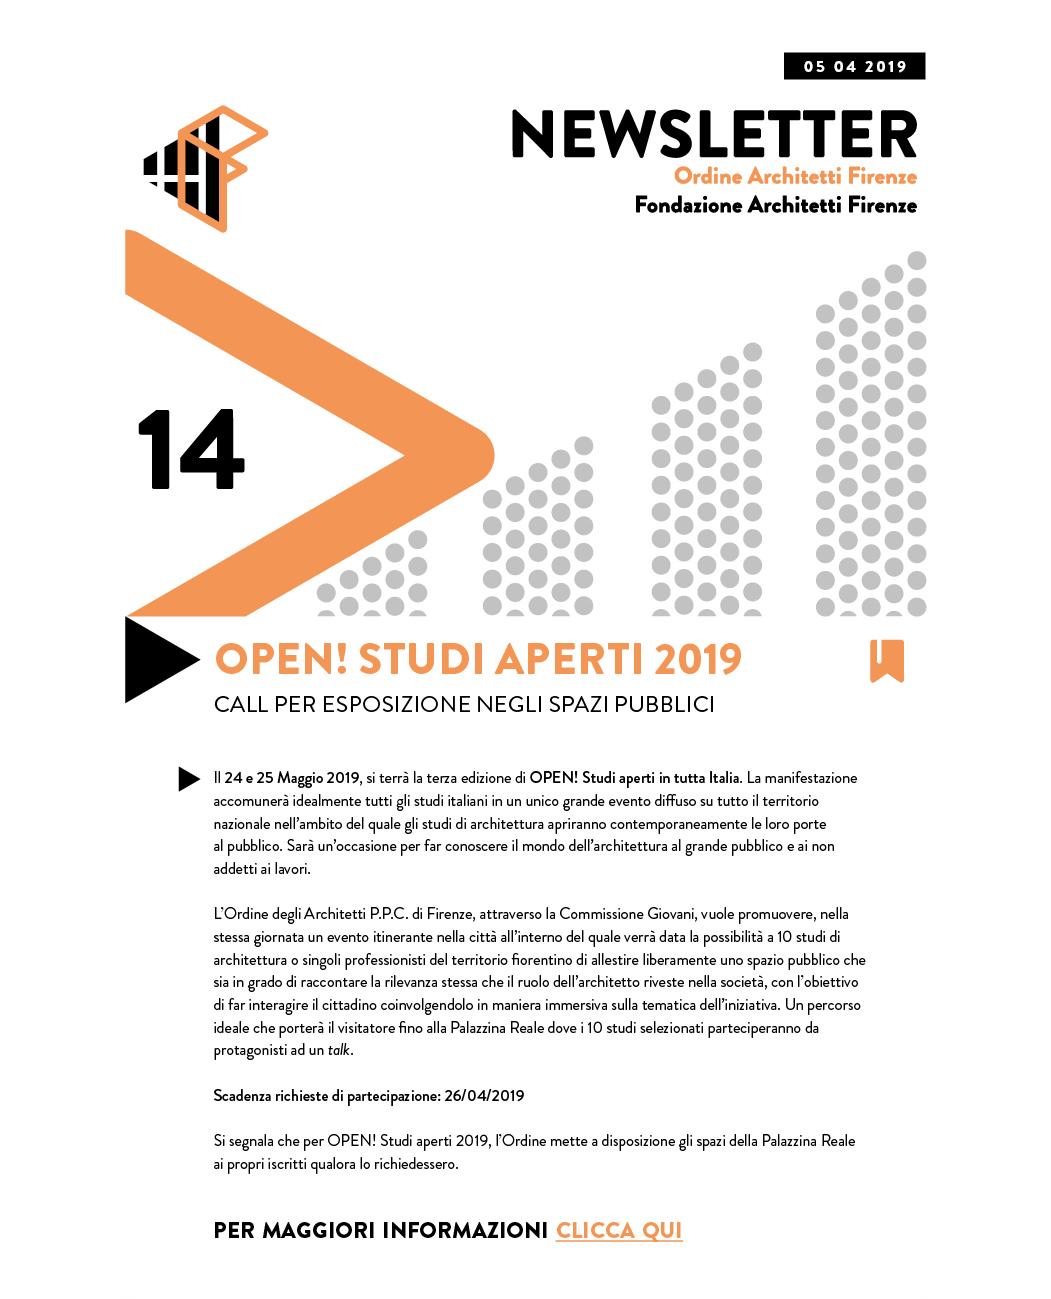 OPEN! STUDI APERTI 2019